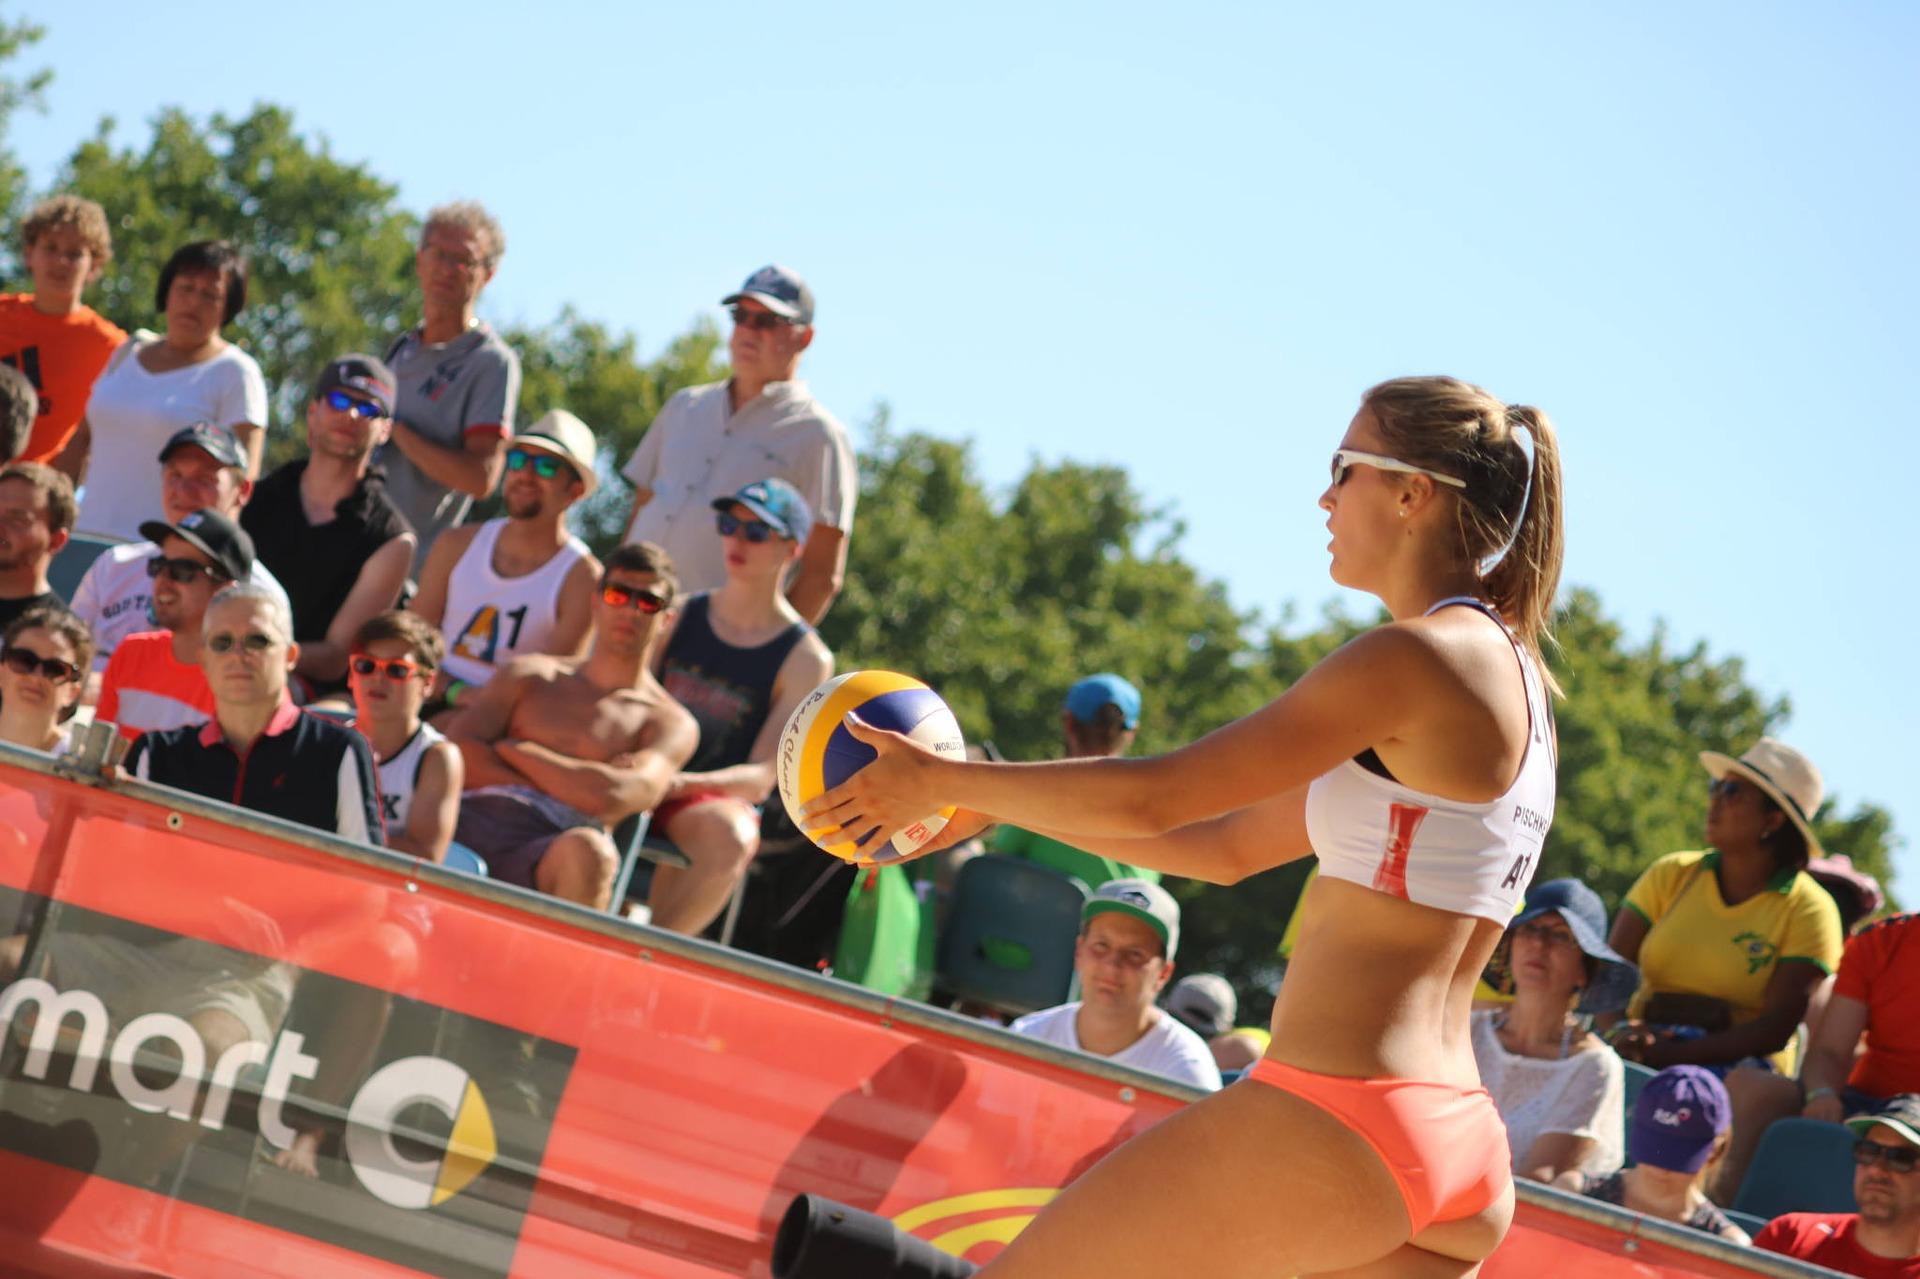 Ein BEachvolleyballspielerin ist bereit zur Angabe